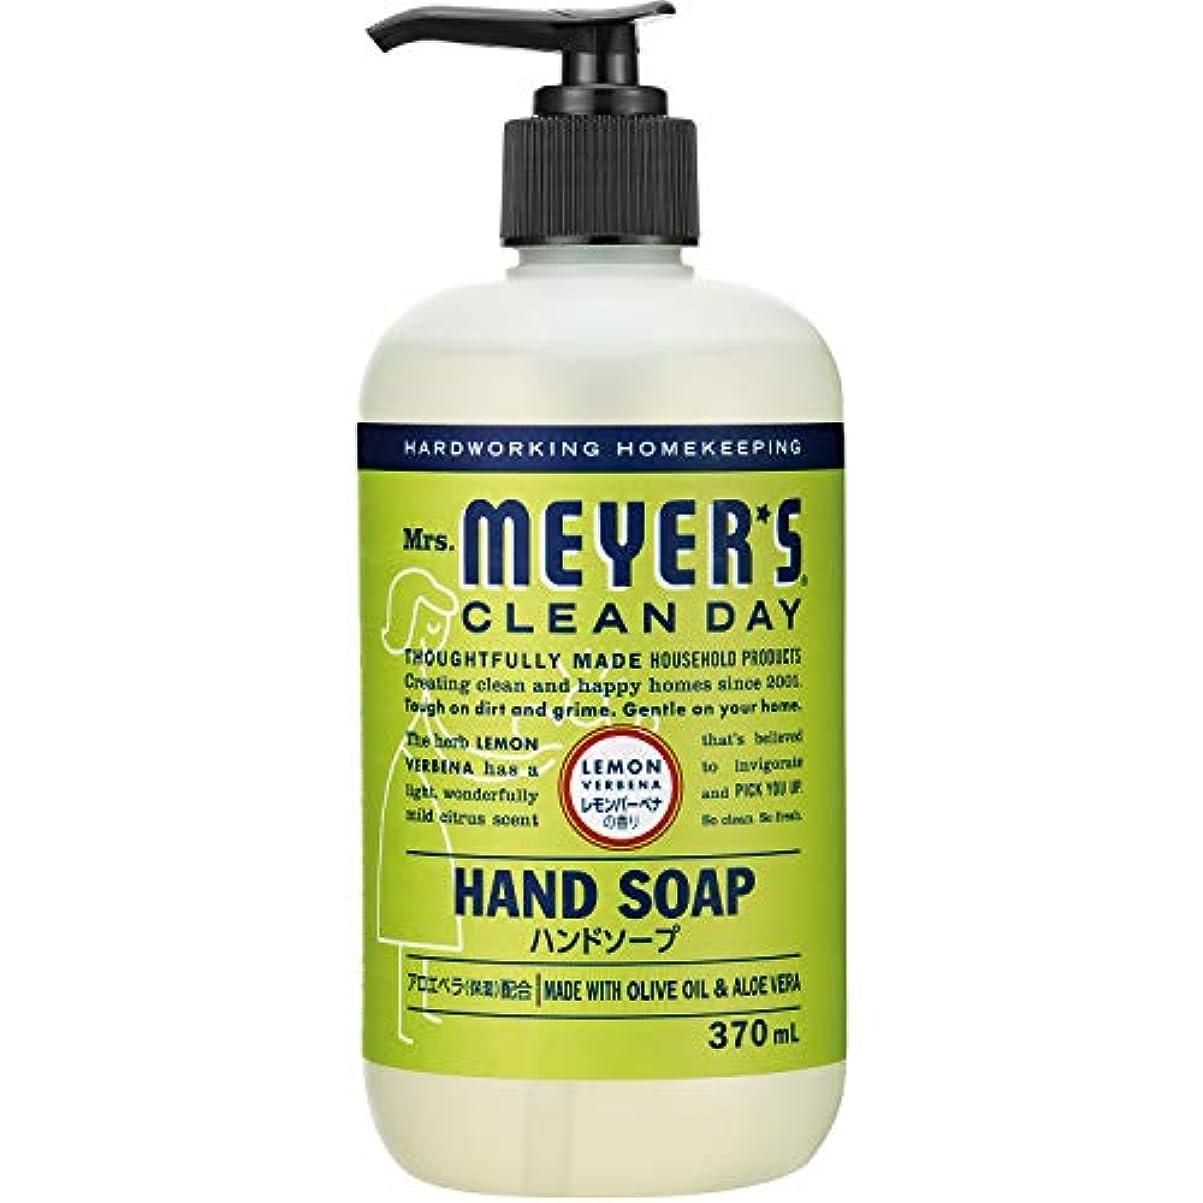 一緒従者機関Mrs. MEYER'S CLEAN DAY(ミセスマイヤーズ クリーンデイ) ミセスマイヤーズ クリーンデイ(Mrs.Meyers Clean Day) ハンドソープ レモンバーベナの香り 370ml